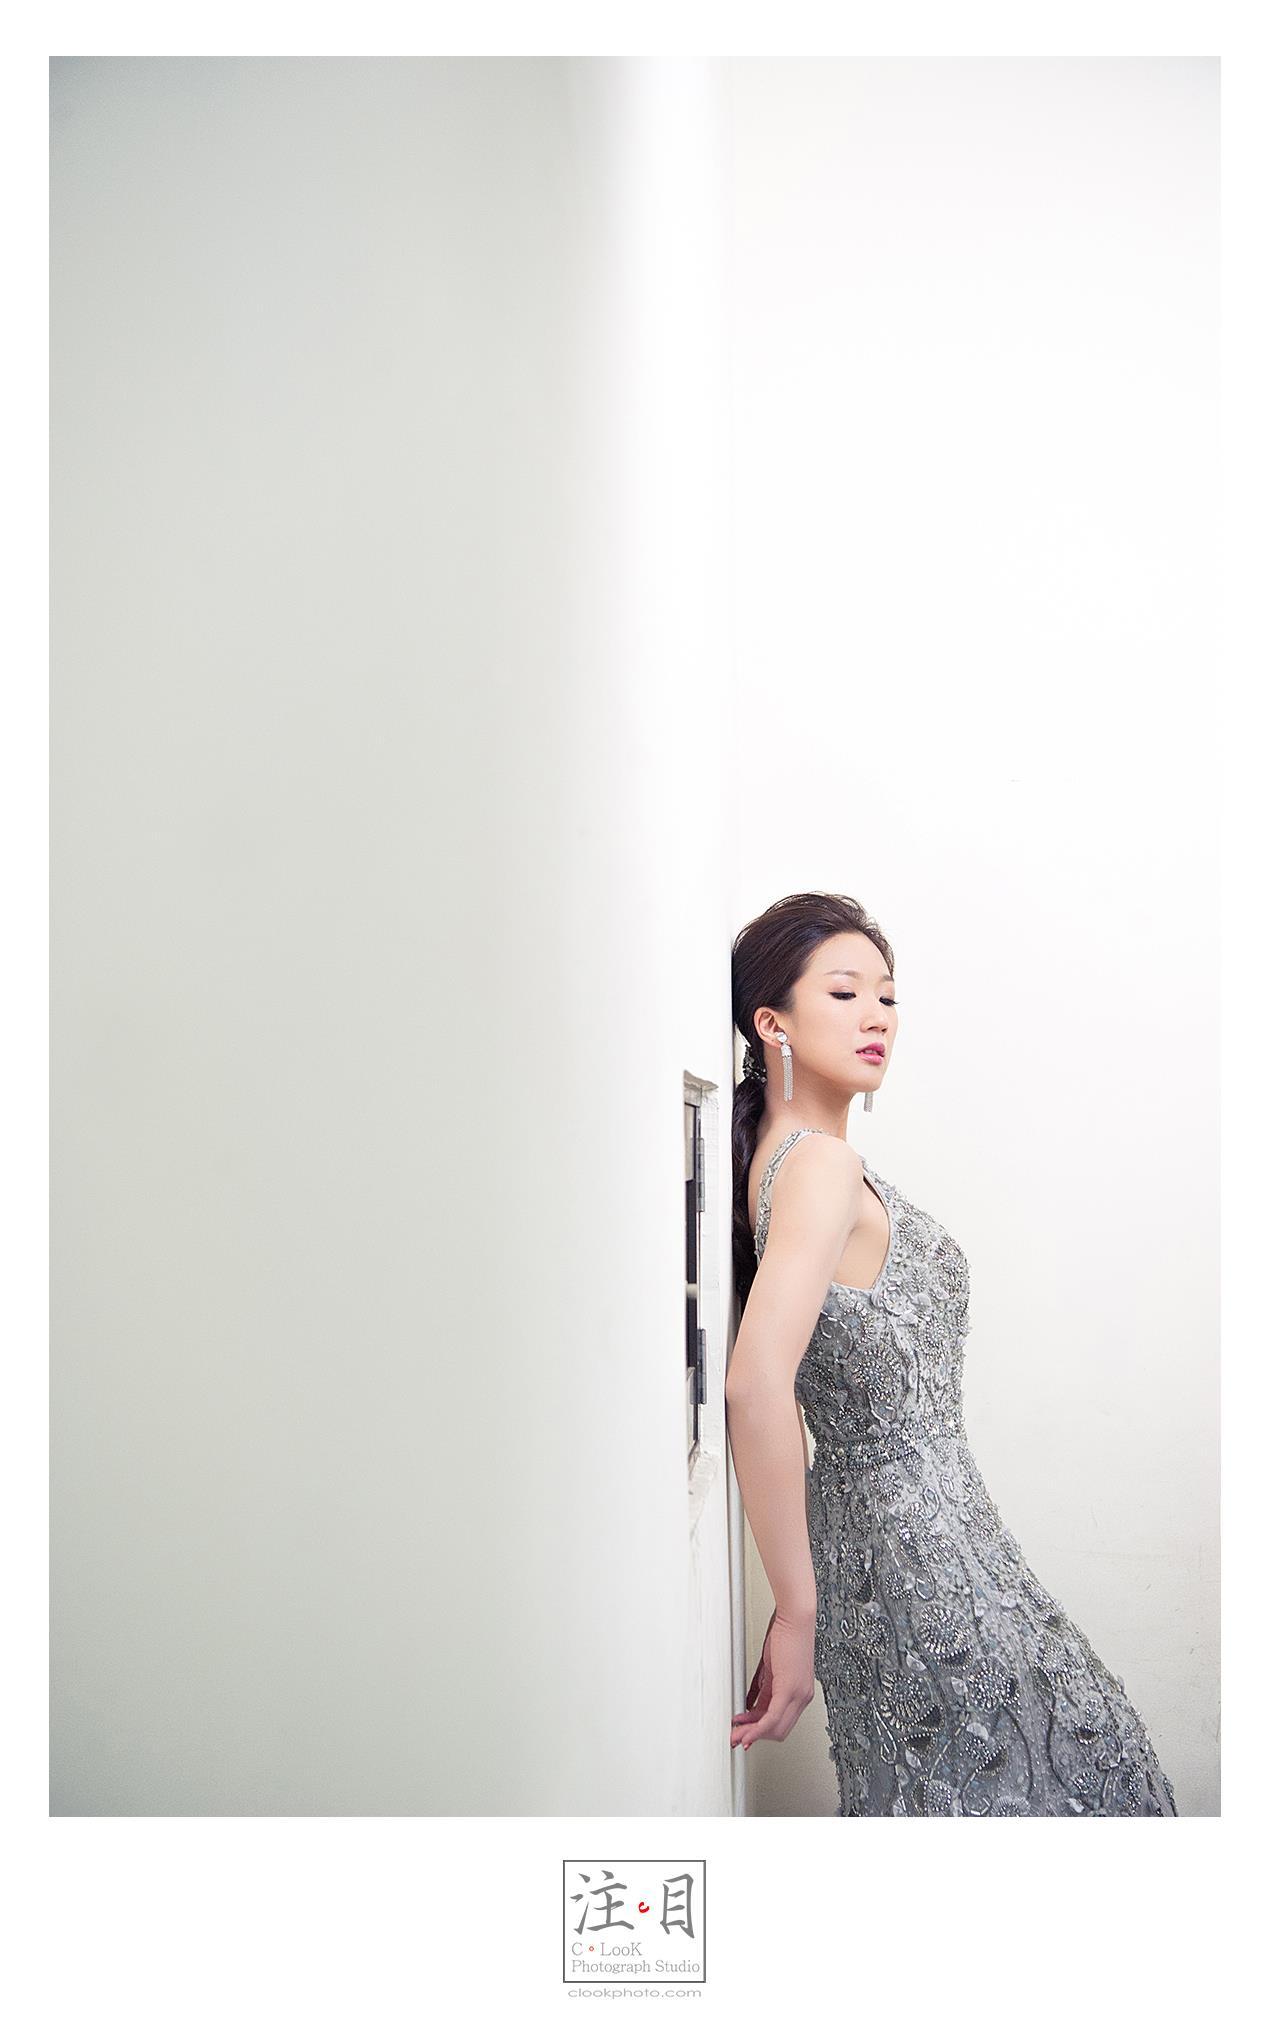 台南自助婚紗注目